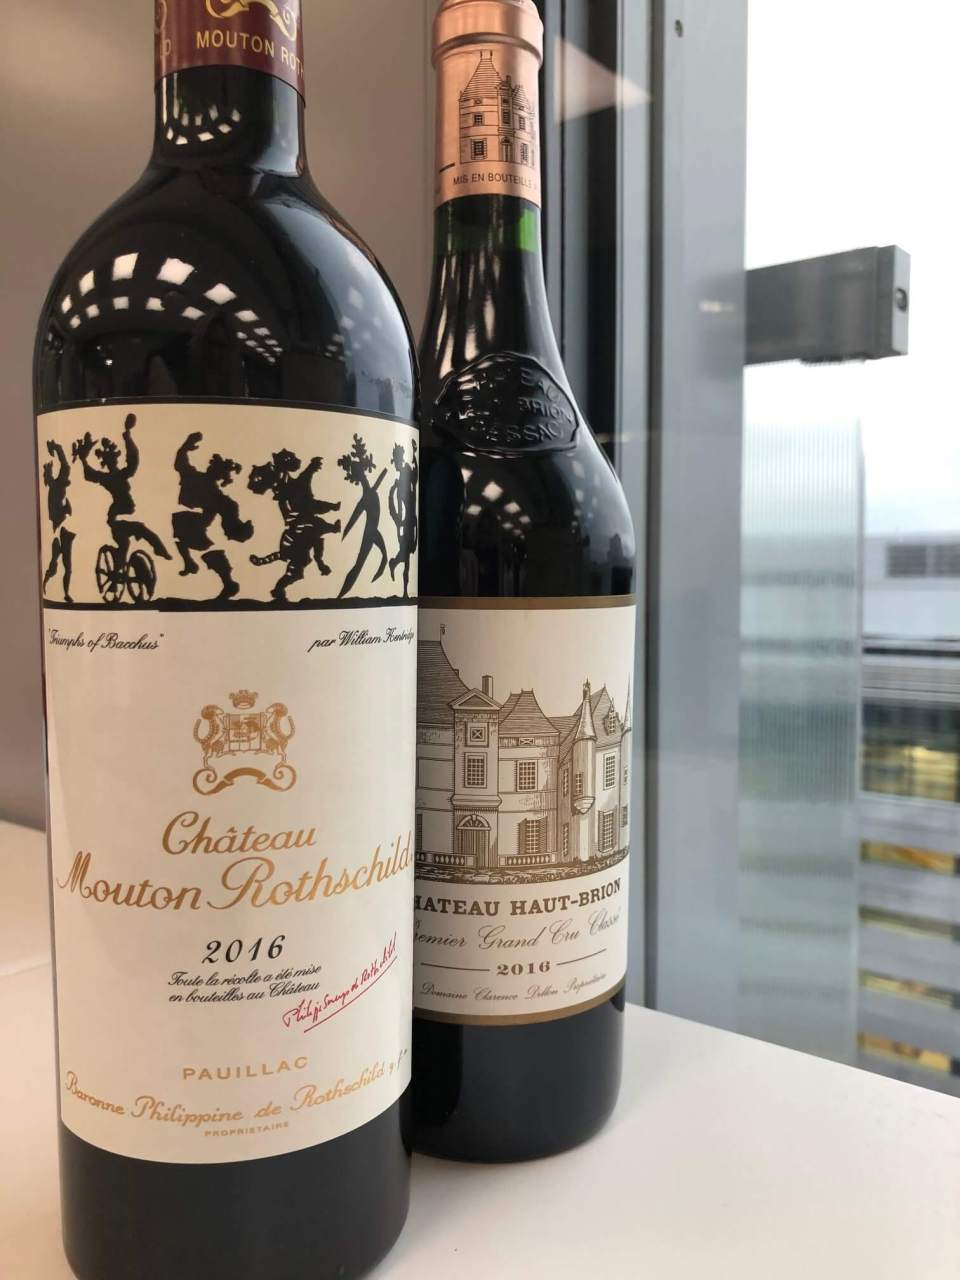 Vin fra Bordeaux 2016 er en strålende årgang, og virkelig verdt et forsøk. Fruktige, konsentrerte, god struktur og fine tanninner. Mange av vinene kan også drikkes allerede, selv om de er svært lagringsvennlige.